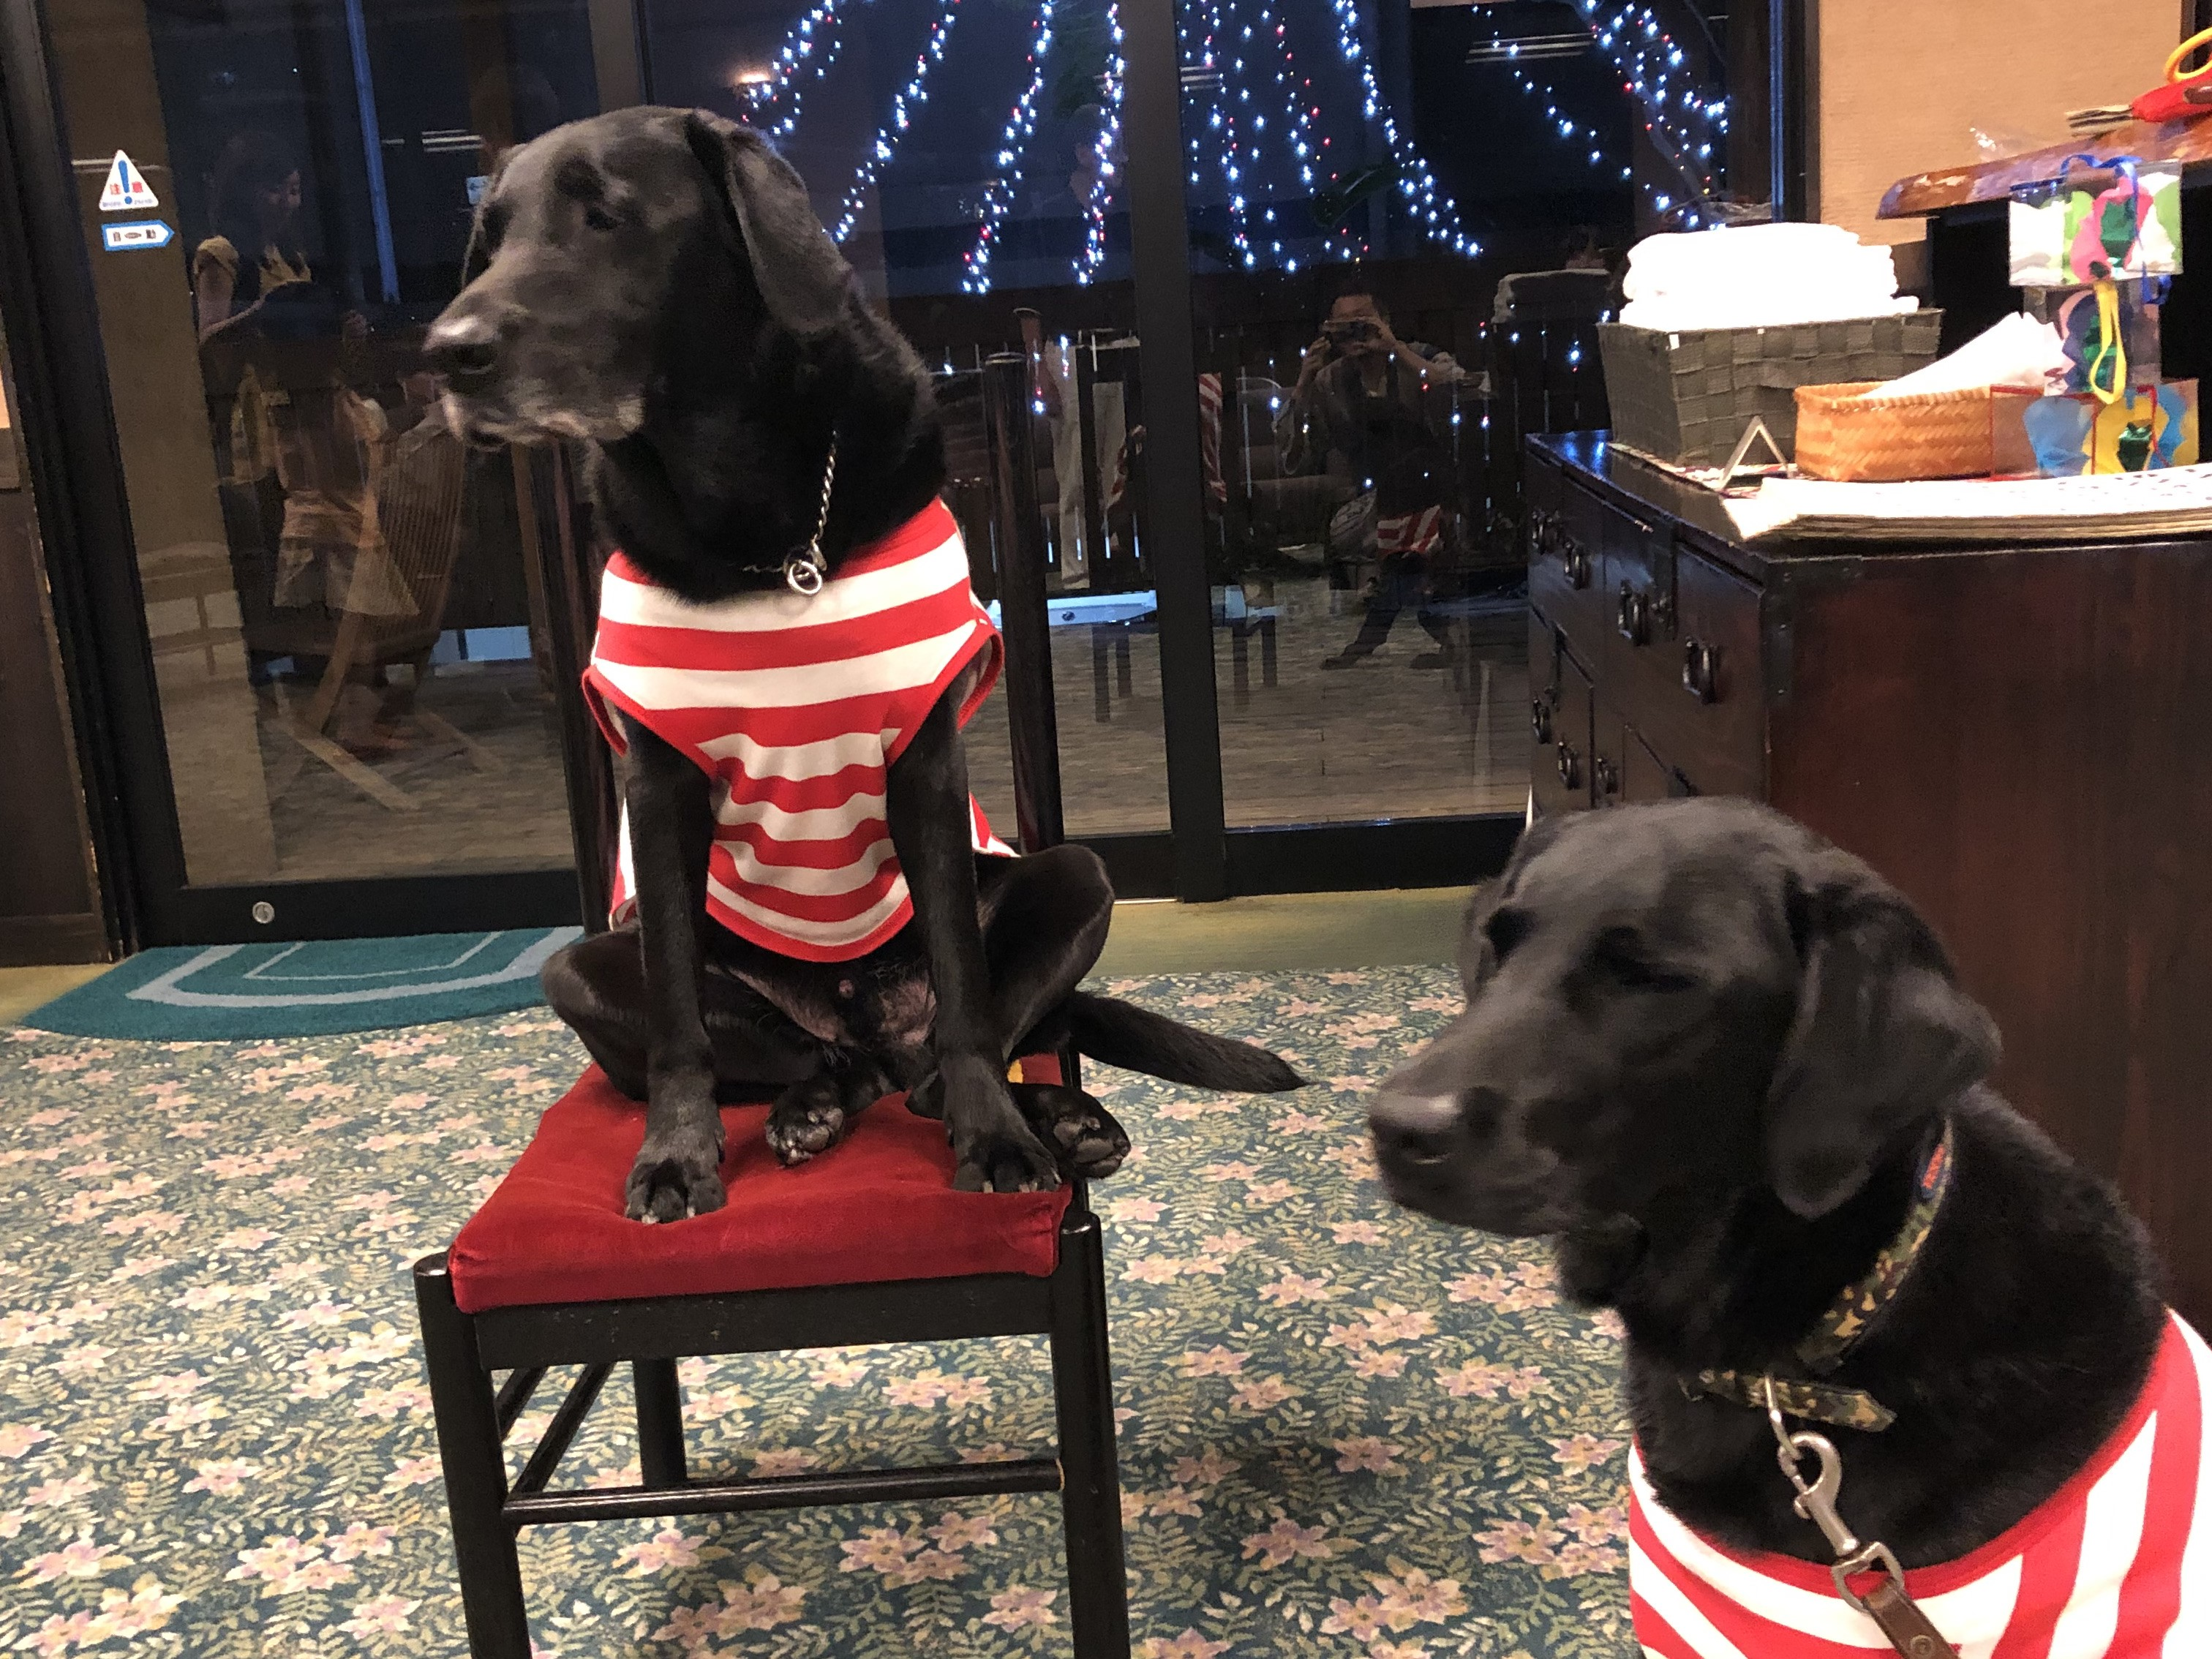 別府鉄輪温泉葉山のマジック犬「ハルクとエルマ」元盲導犬見習いによるマジックショー